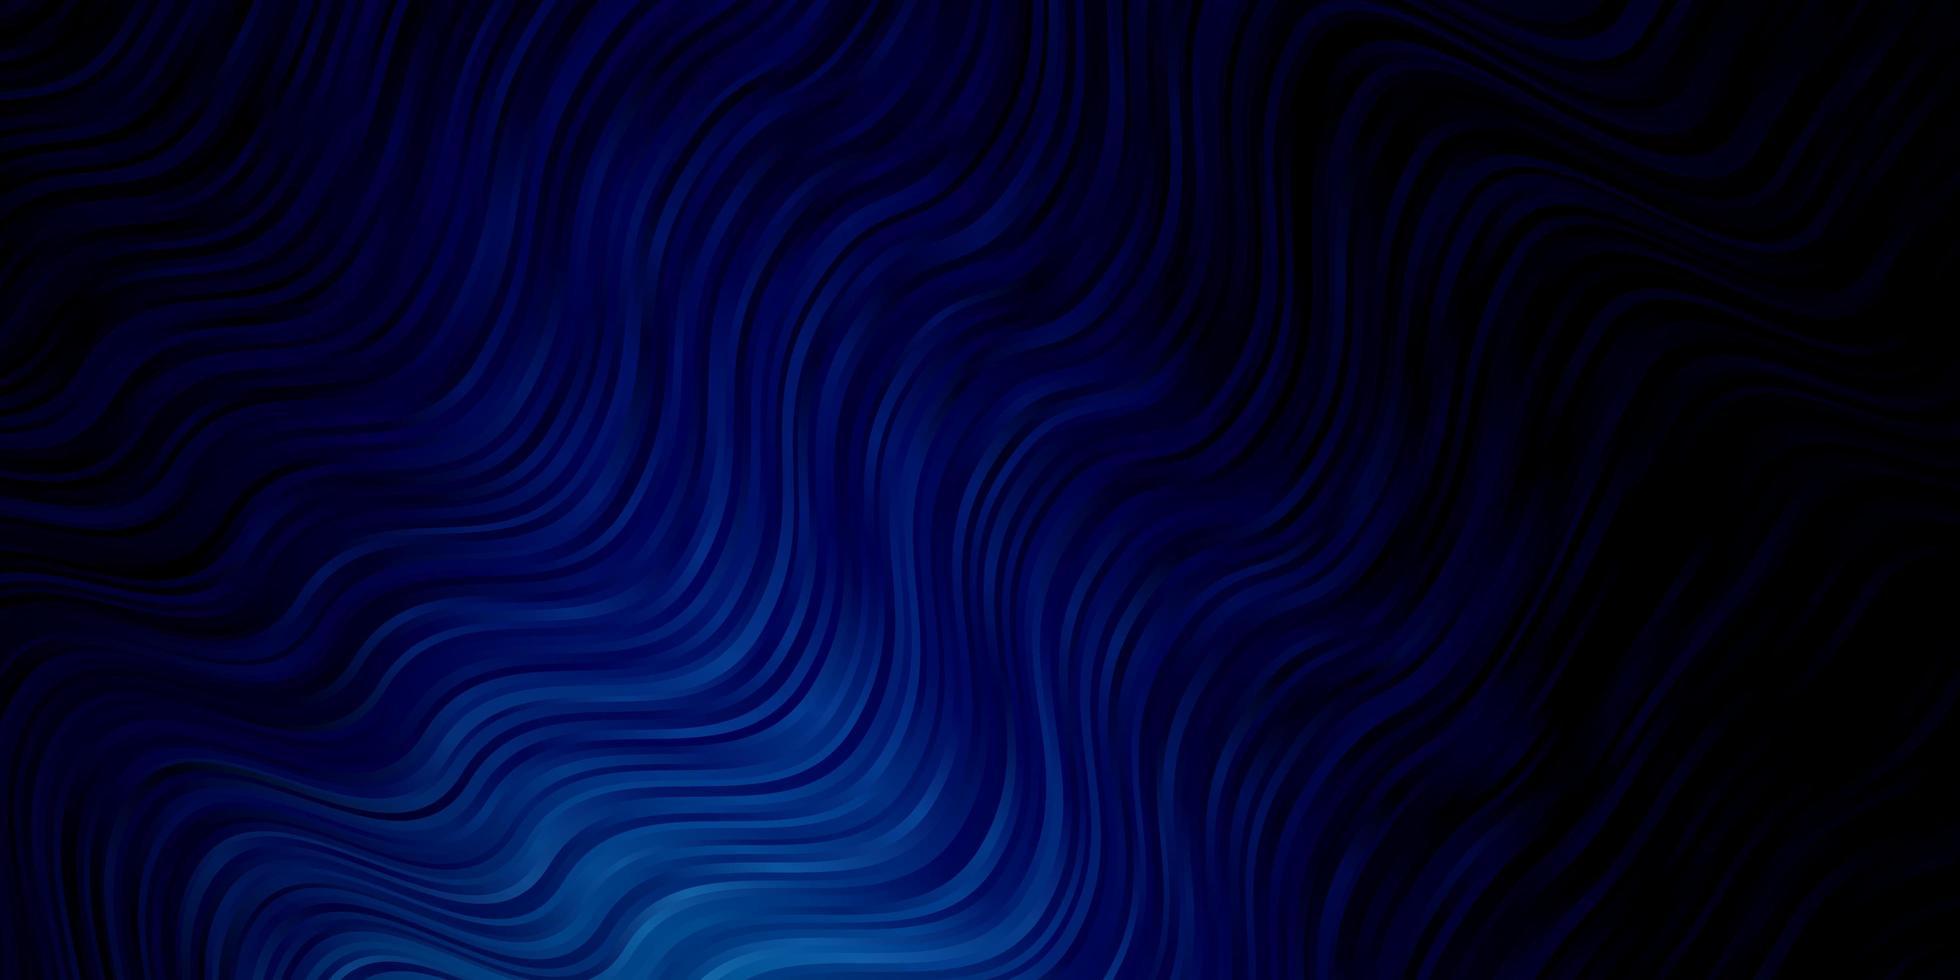 Fondo de vector azul oscuro con líneas dobladas